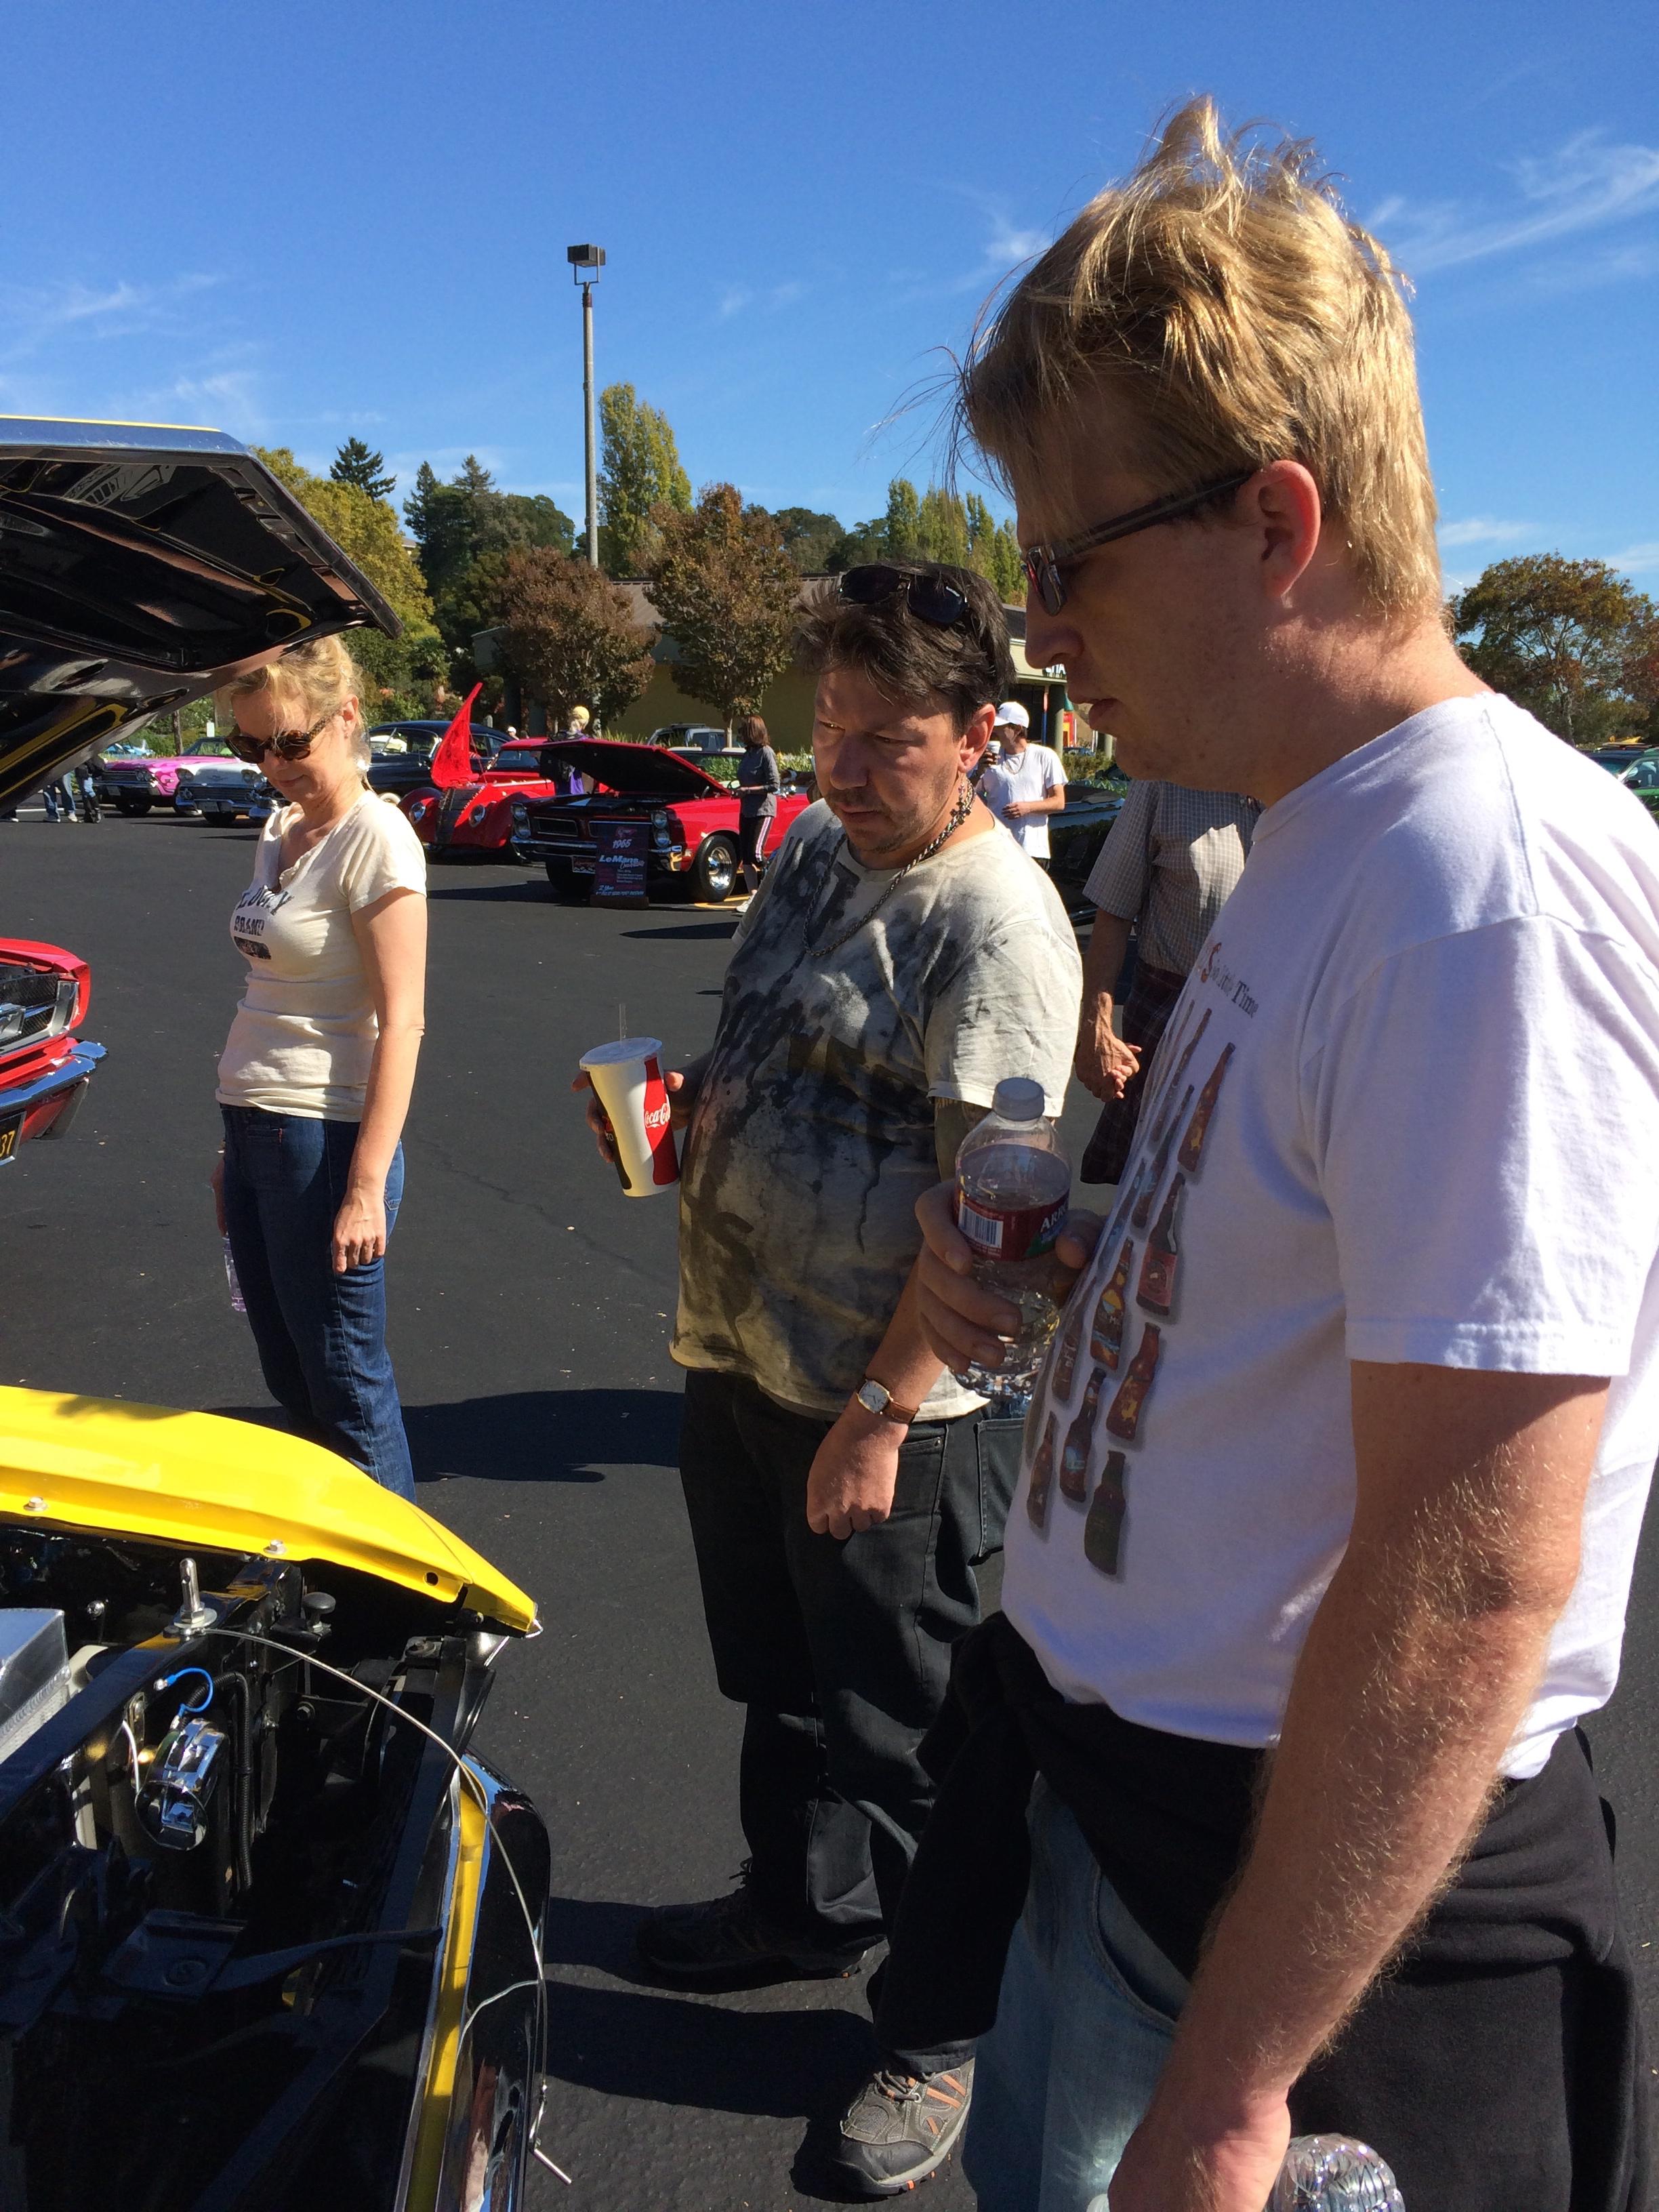 Hanna, DJ & Jonathan at car show